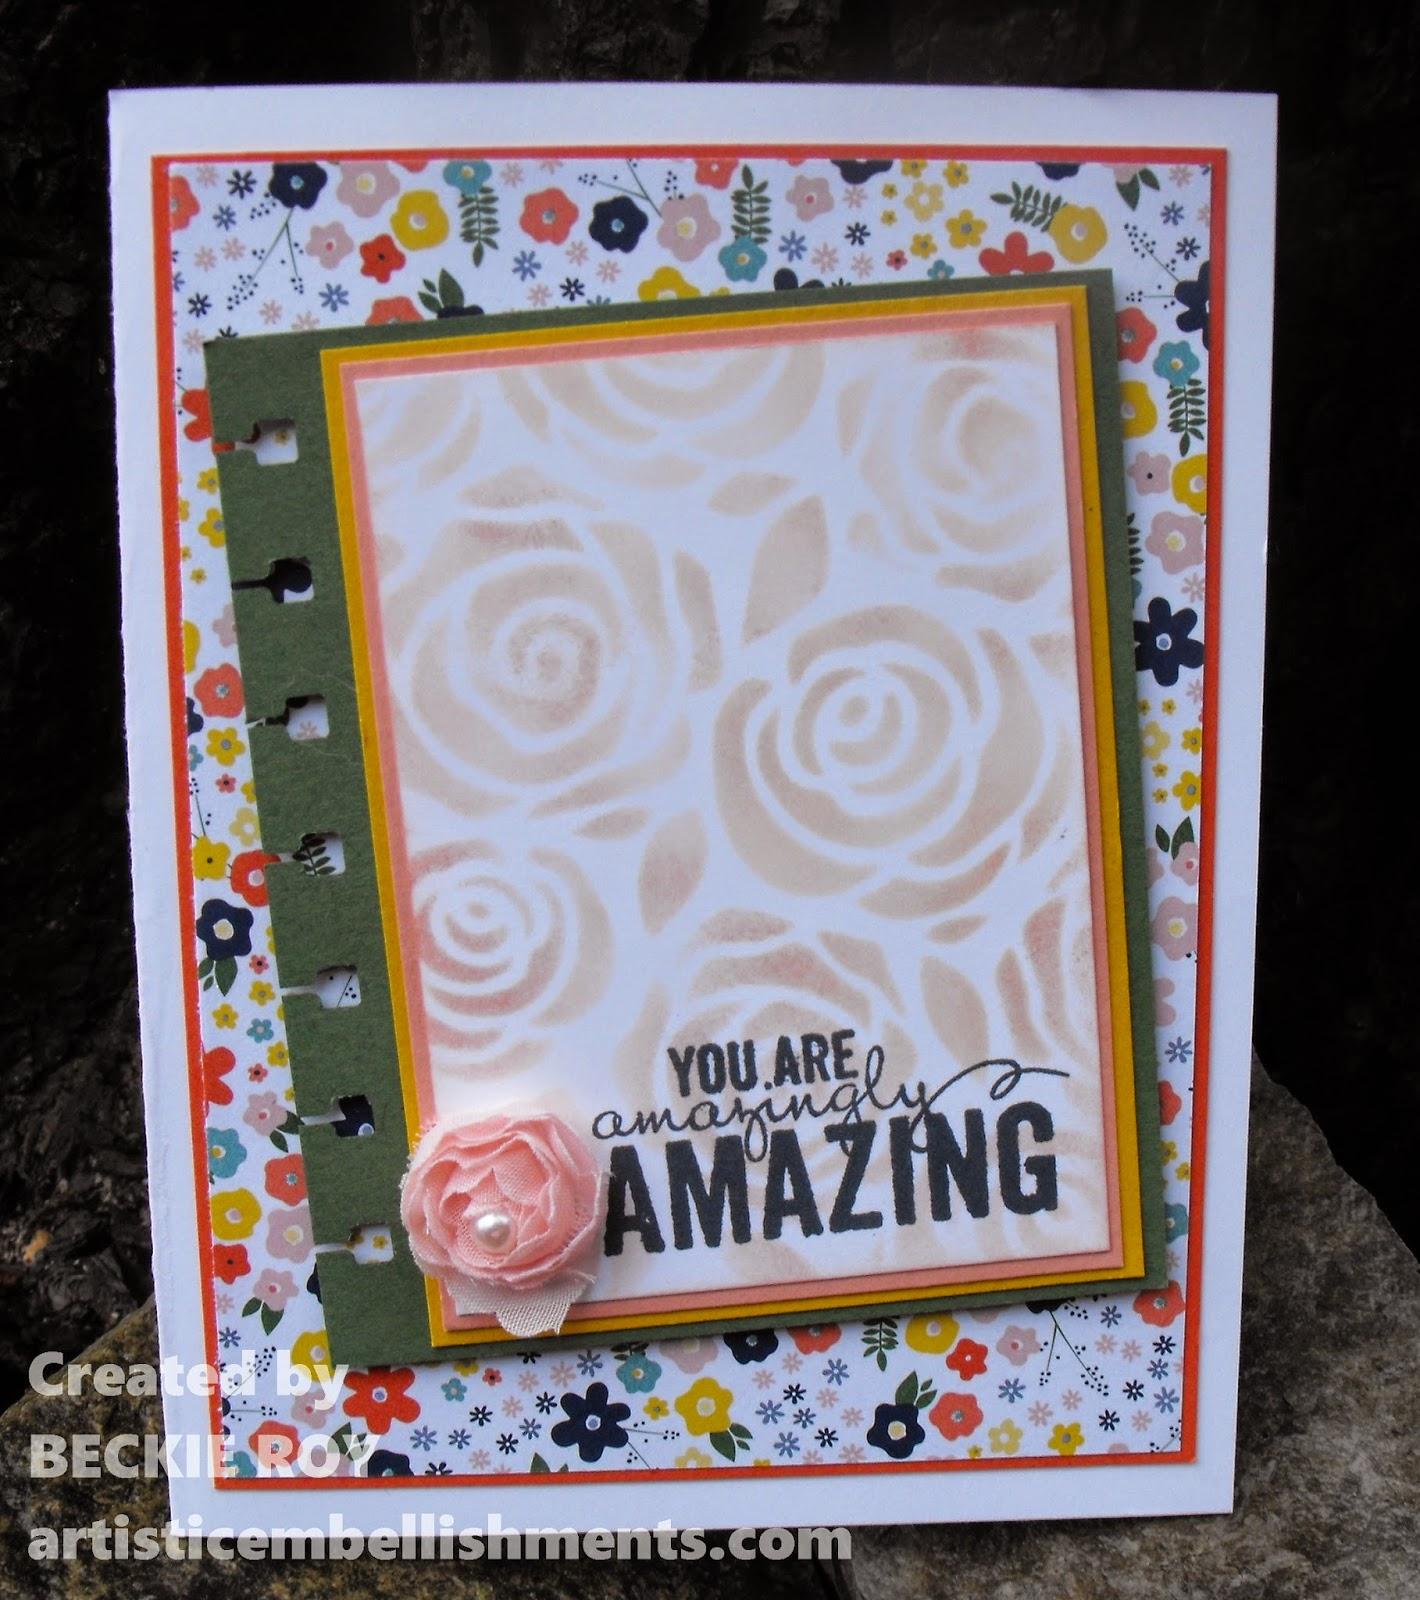 Artistic Embellishments: Artisan Embellishment Kit    you